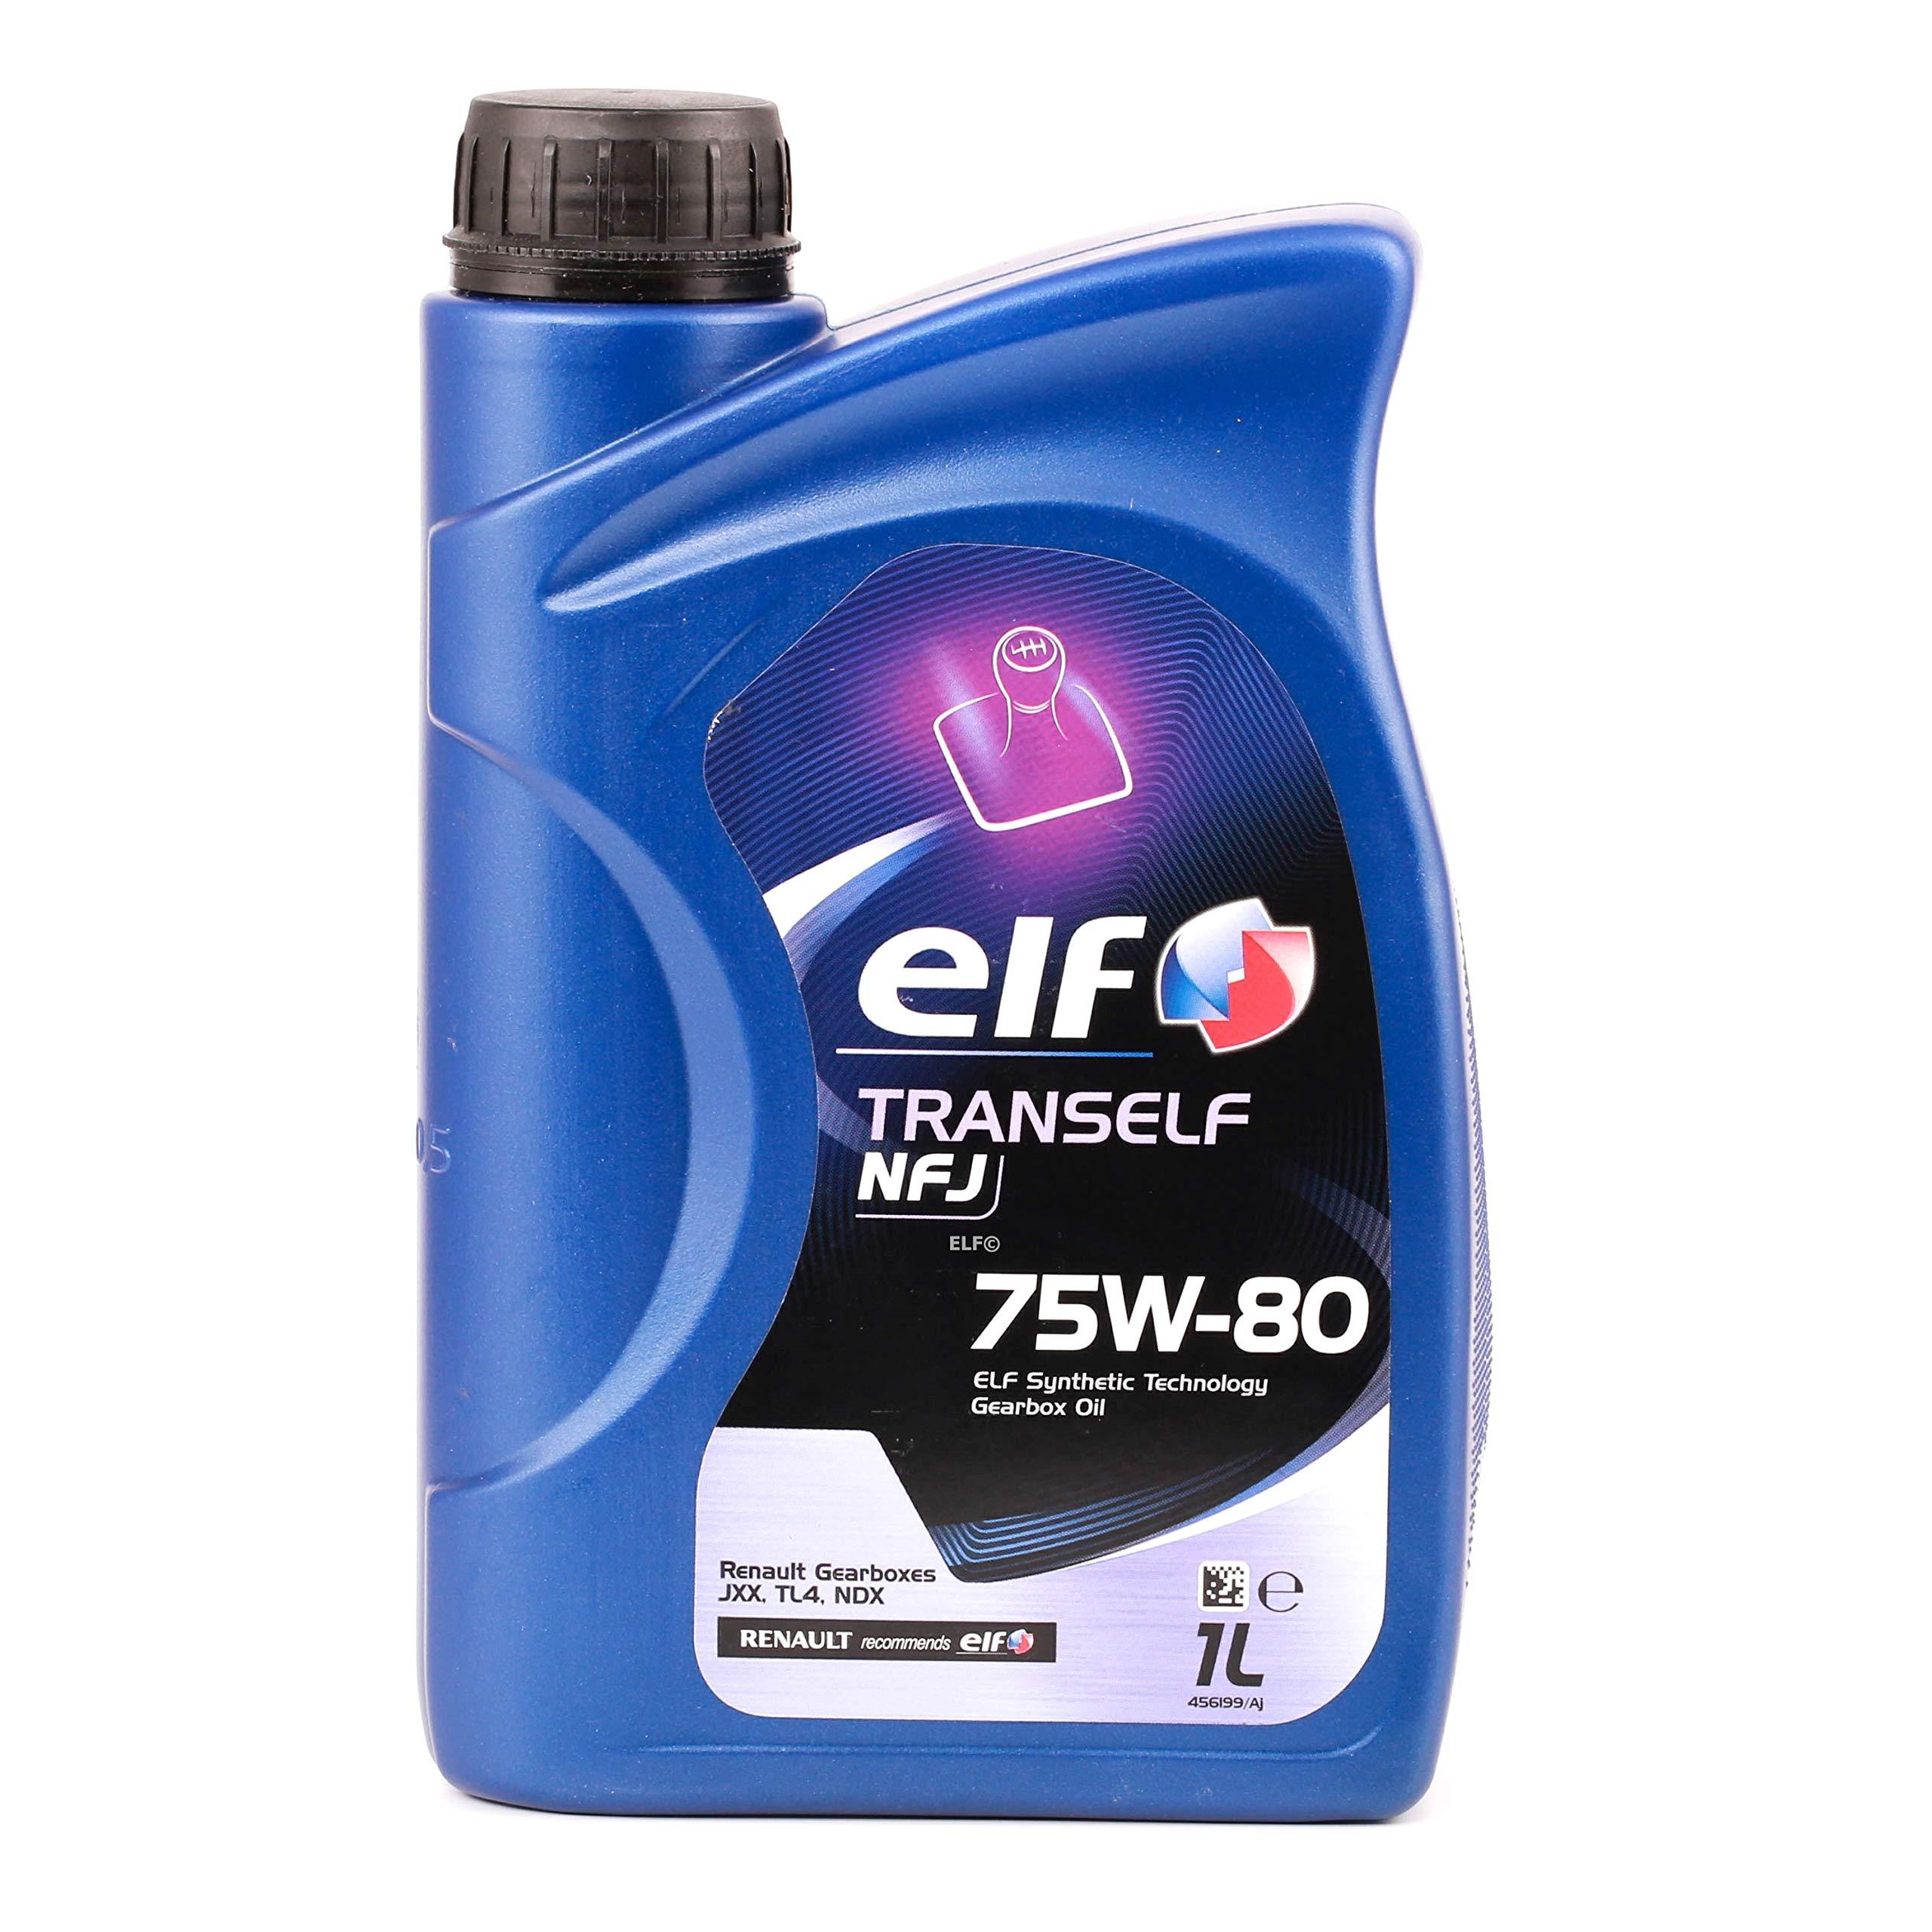 Elf - Trans nfj - Aceite de Caja de Cambios 75w-80, 1l: Amazon.es ...